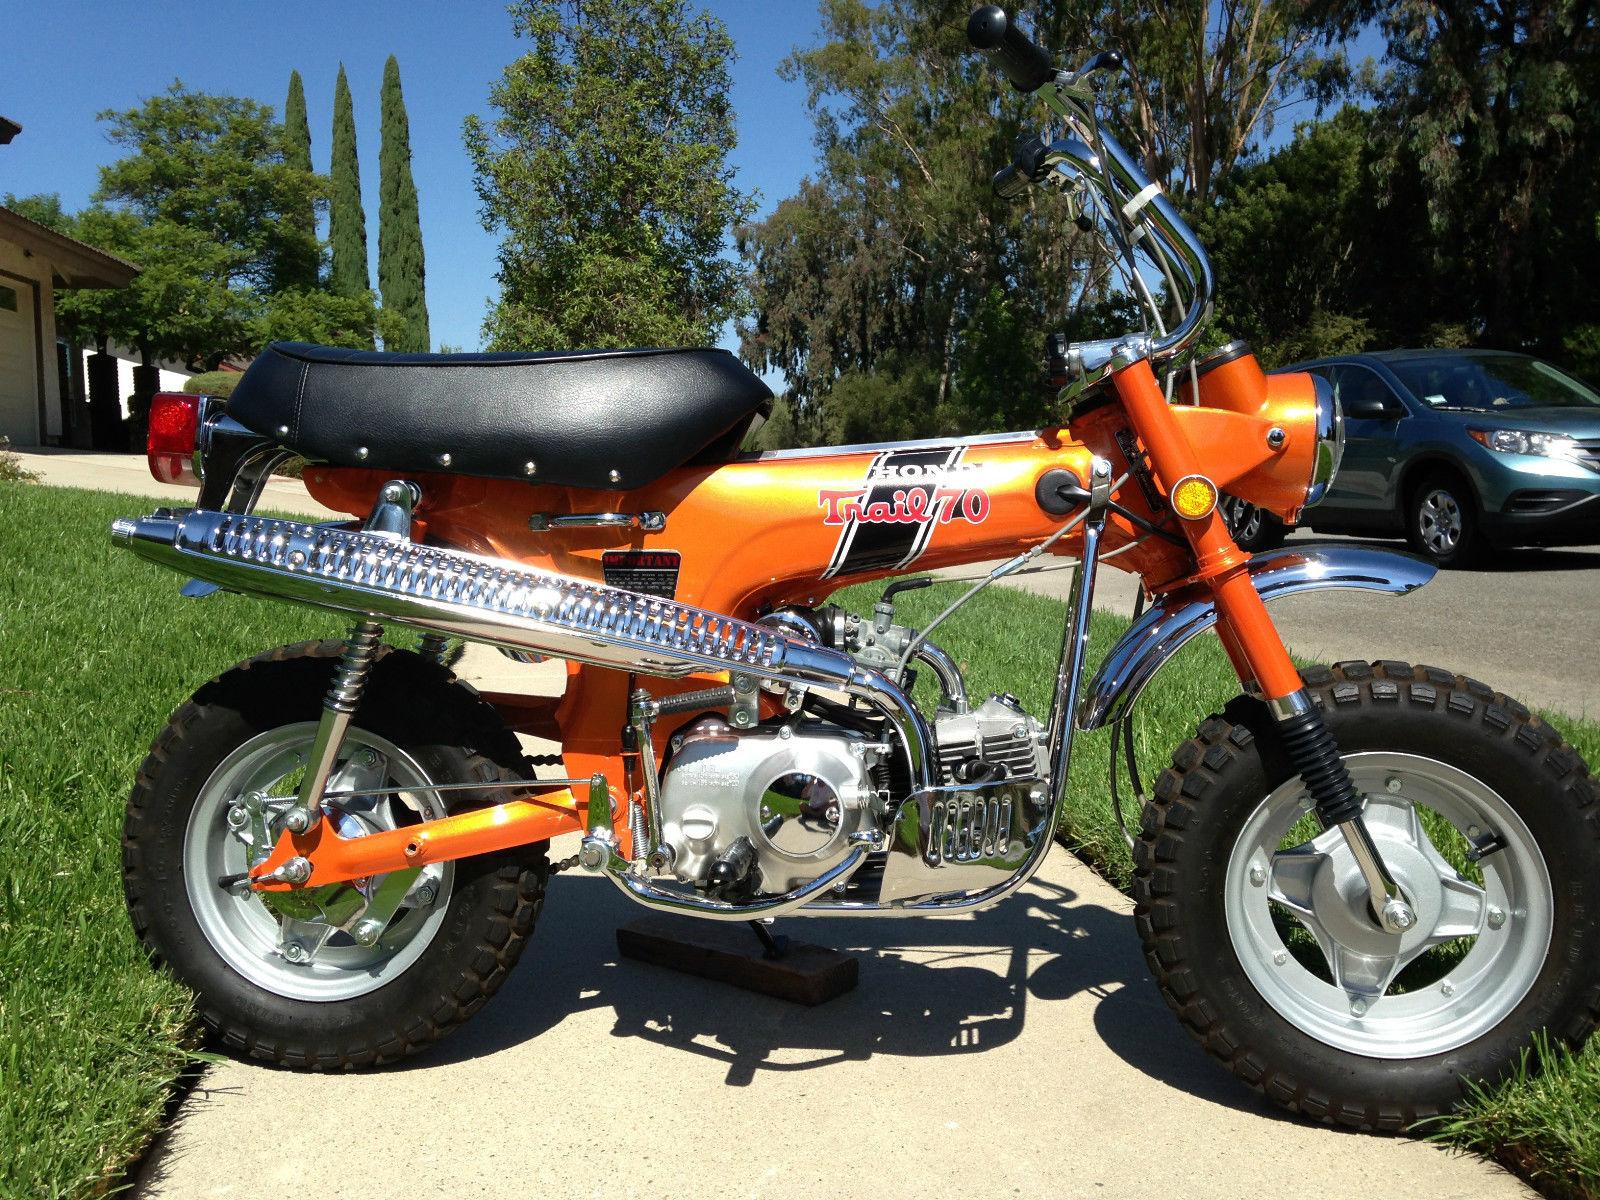 1970 Honda Ct70 Specs Restored 11970